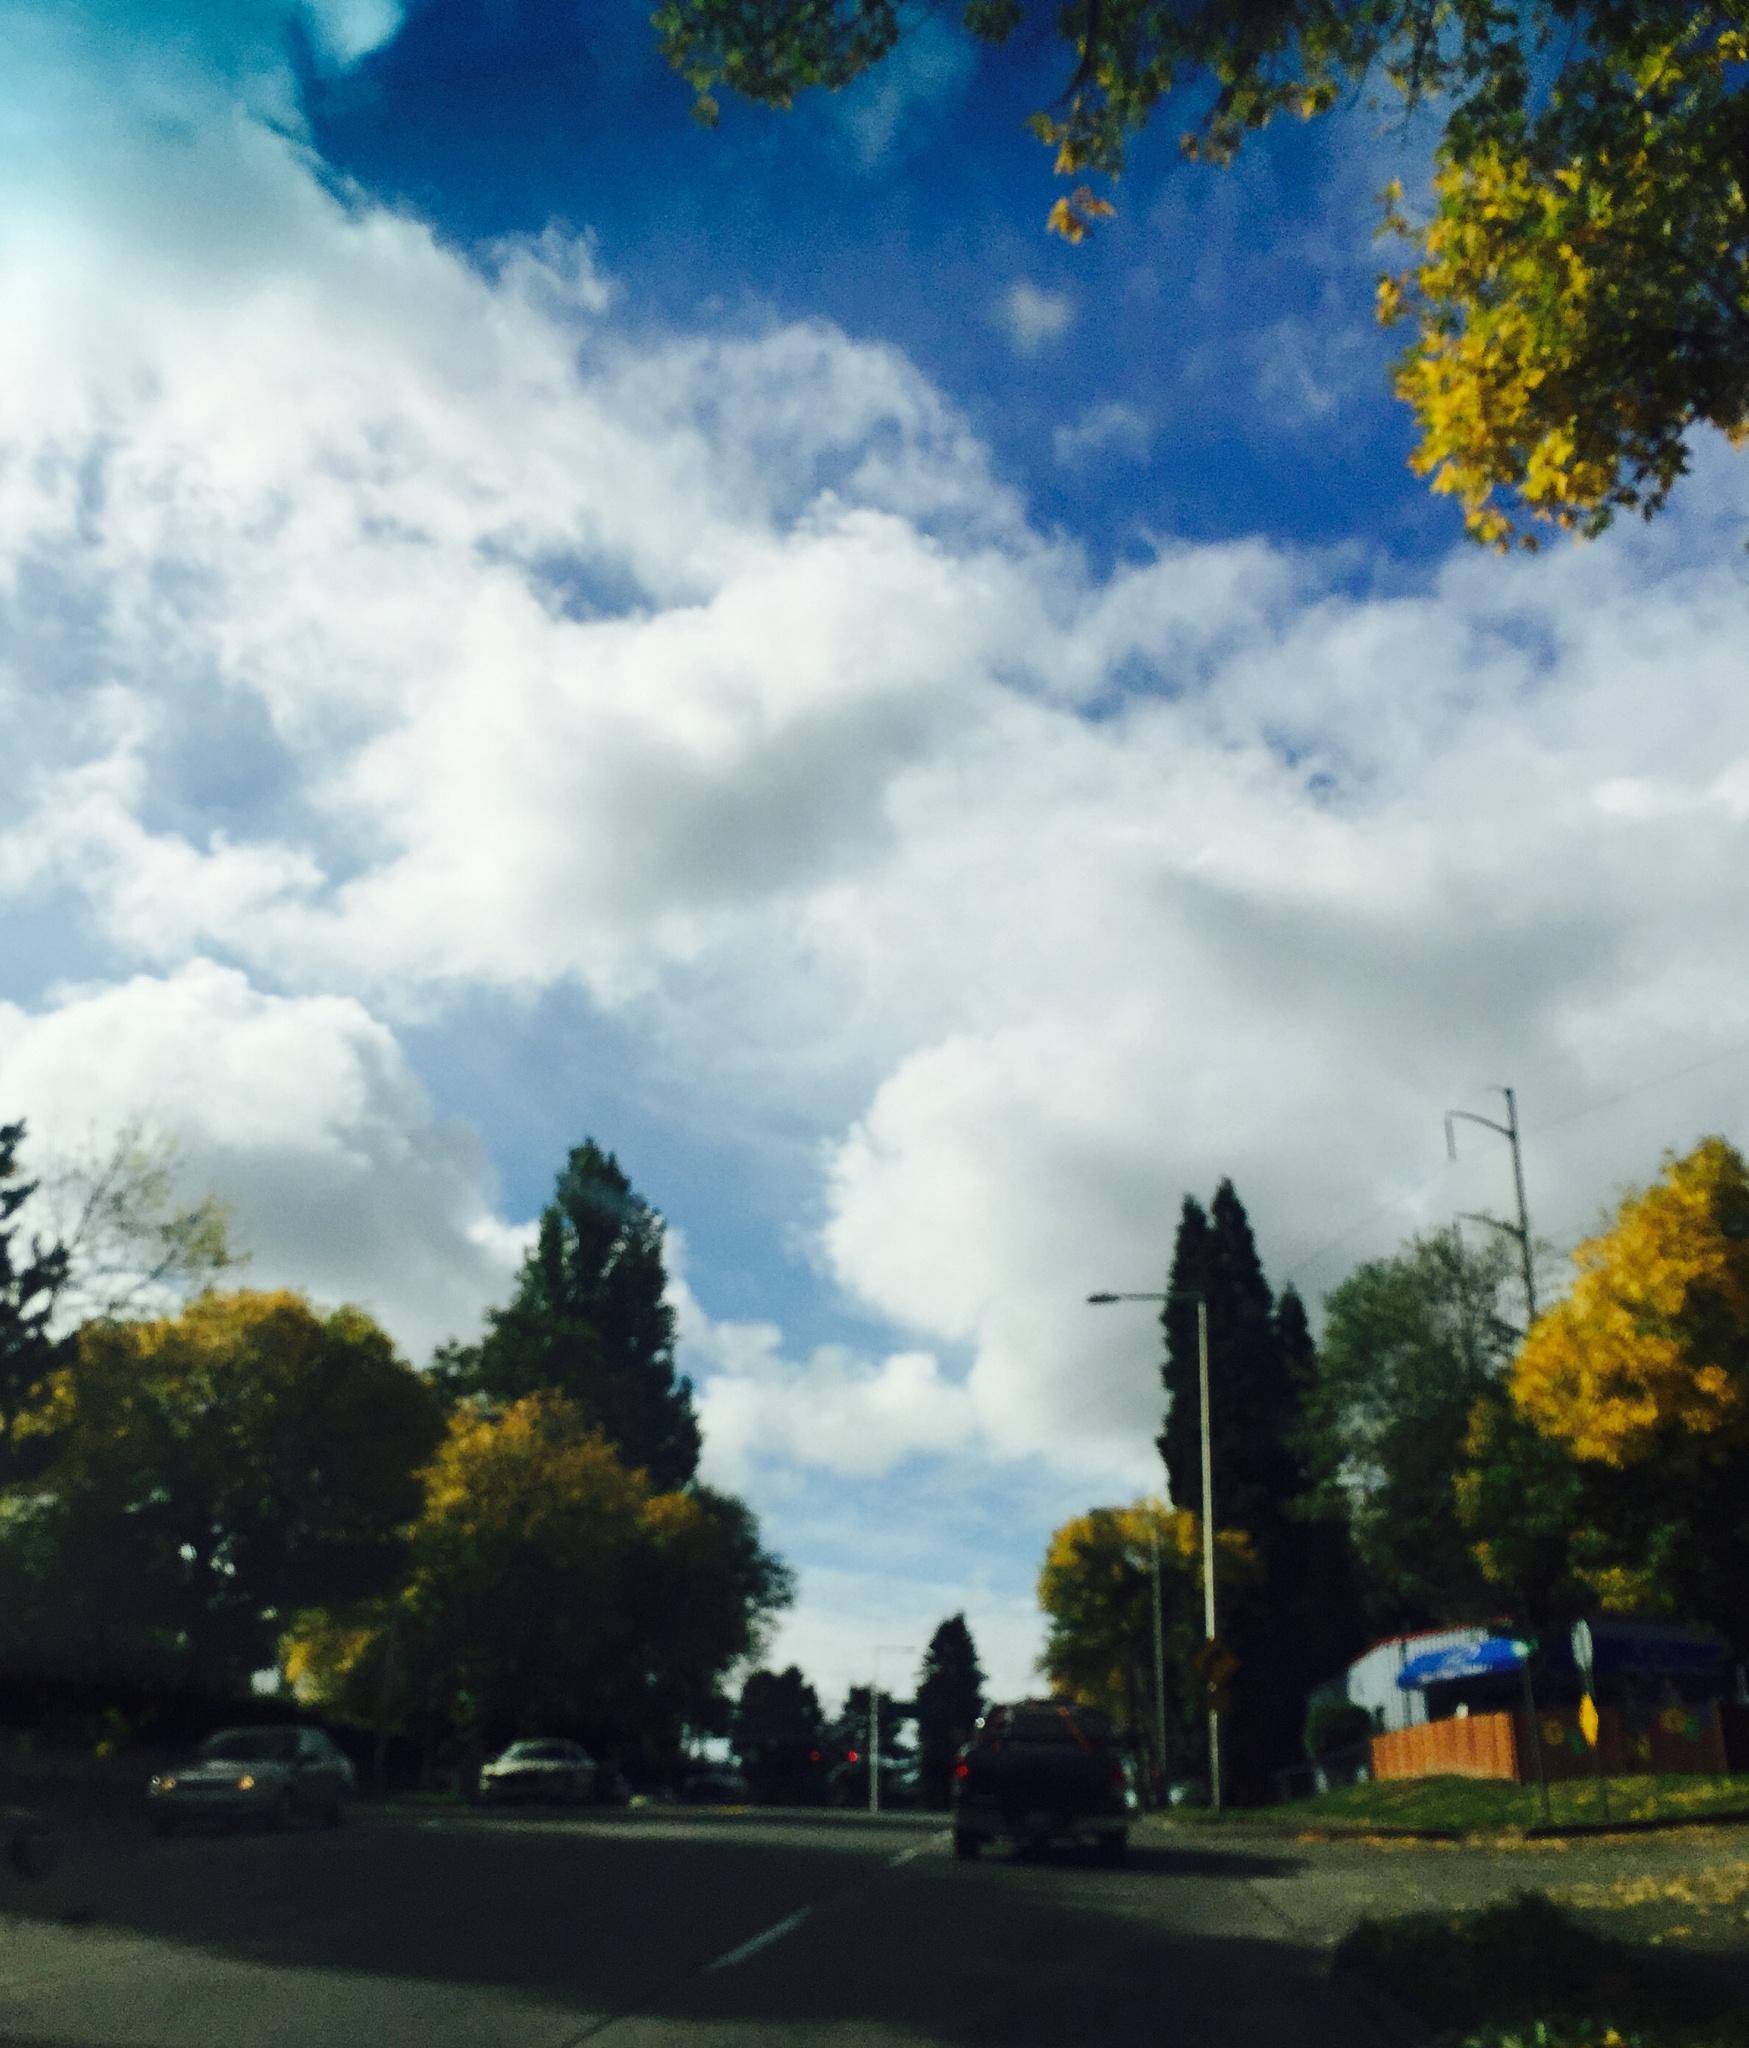 Car window view by imogenedog